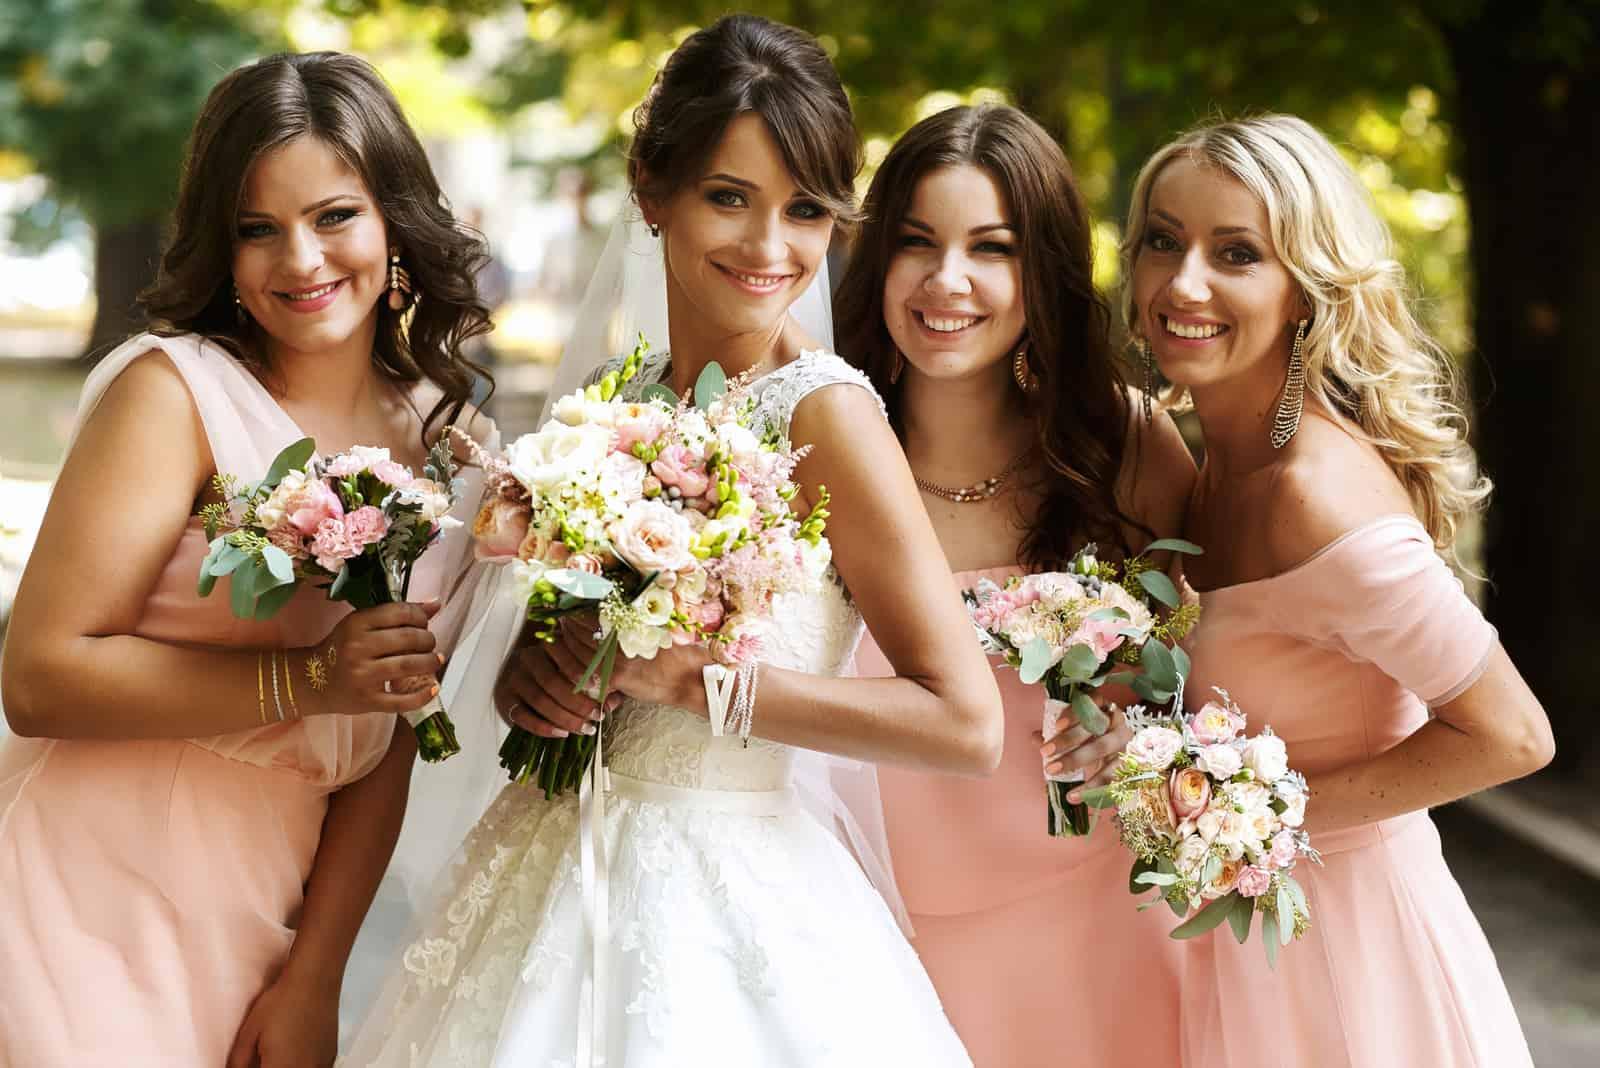 eine Braut mit drei Brautjungfern im Park